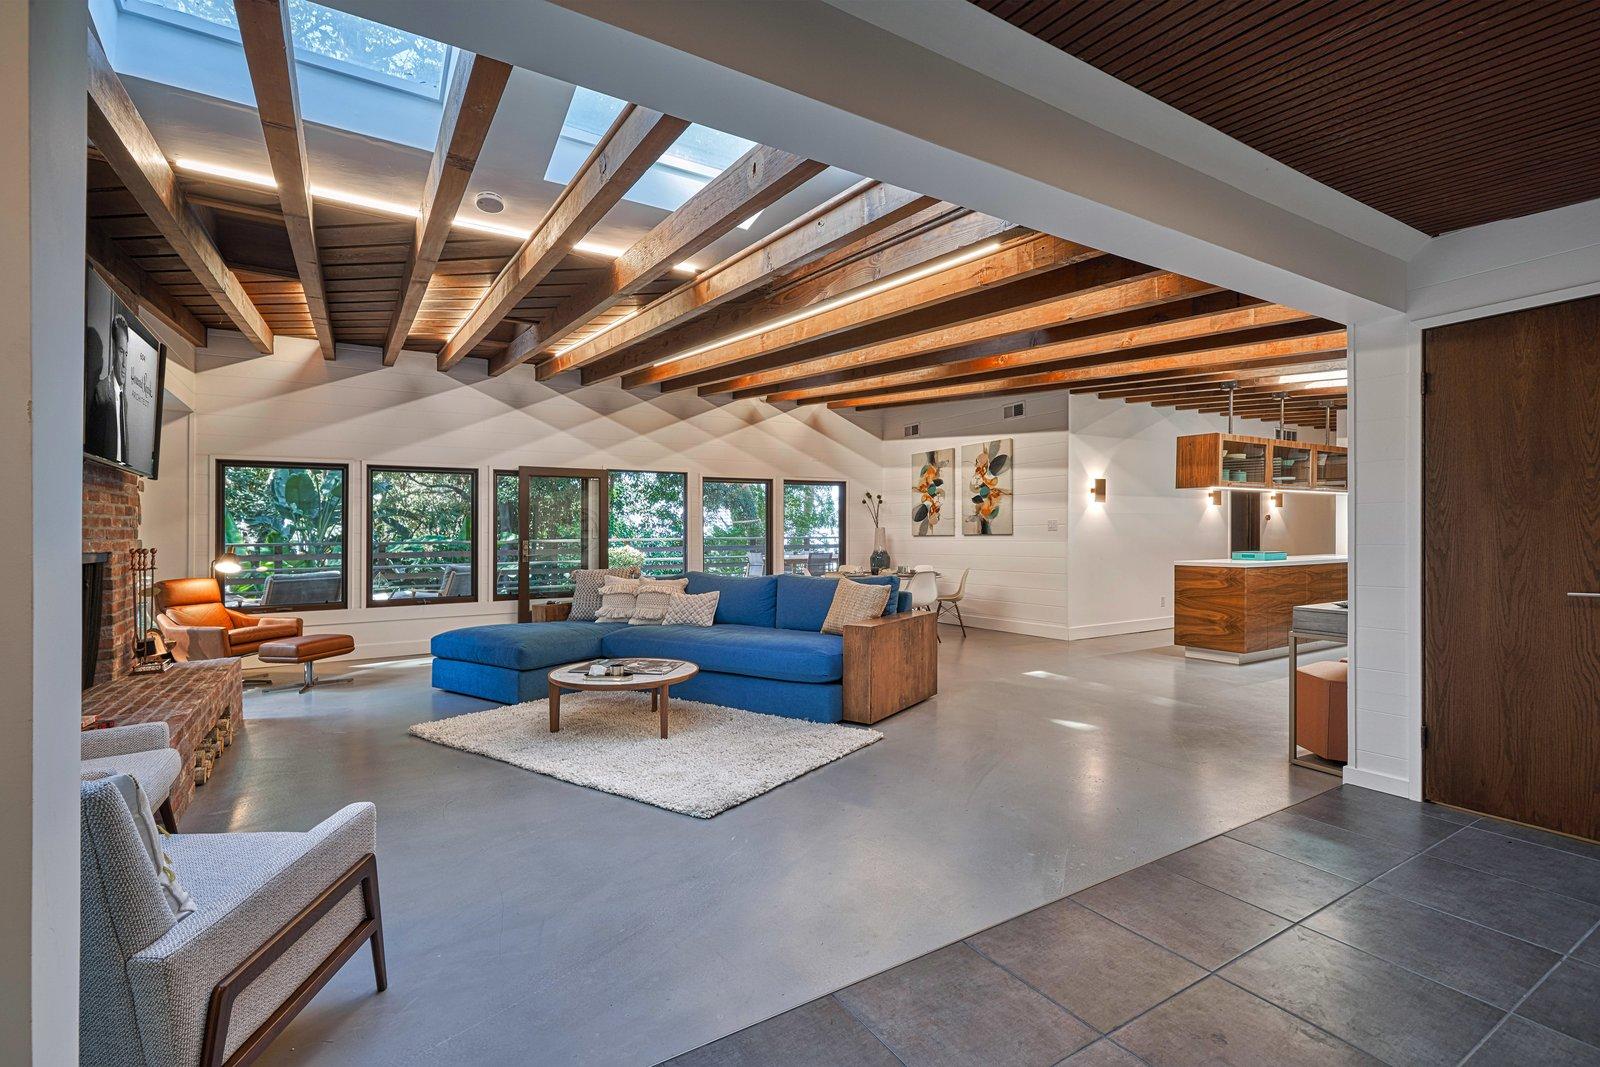 Millard Kaufman Residence living room